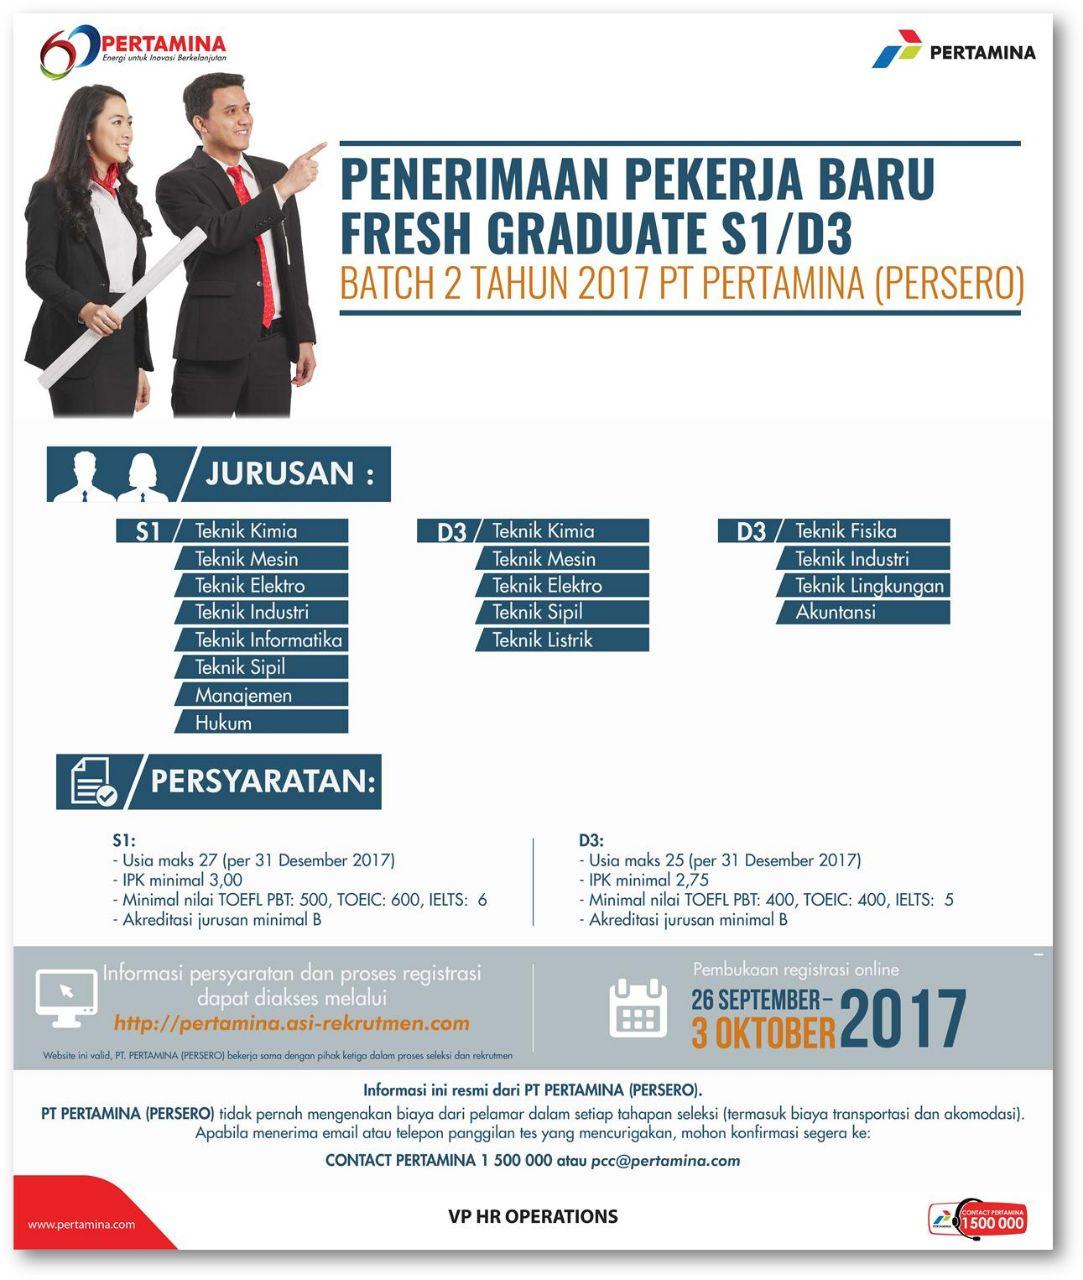 Penerimaan Pekerja Baru Fresh Graduate S1 D3 Pt Pertamina Persero Ika Um